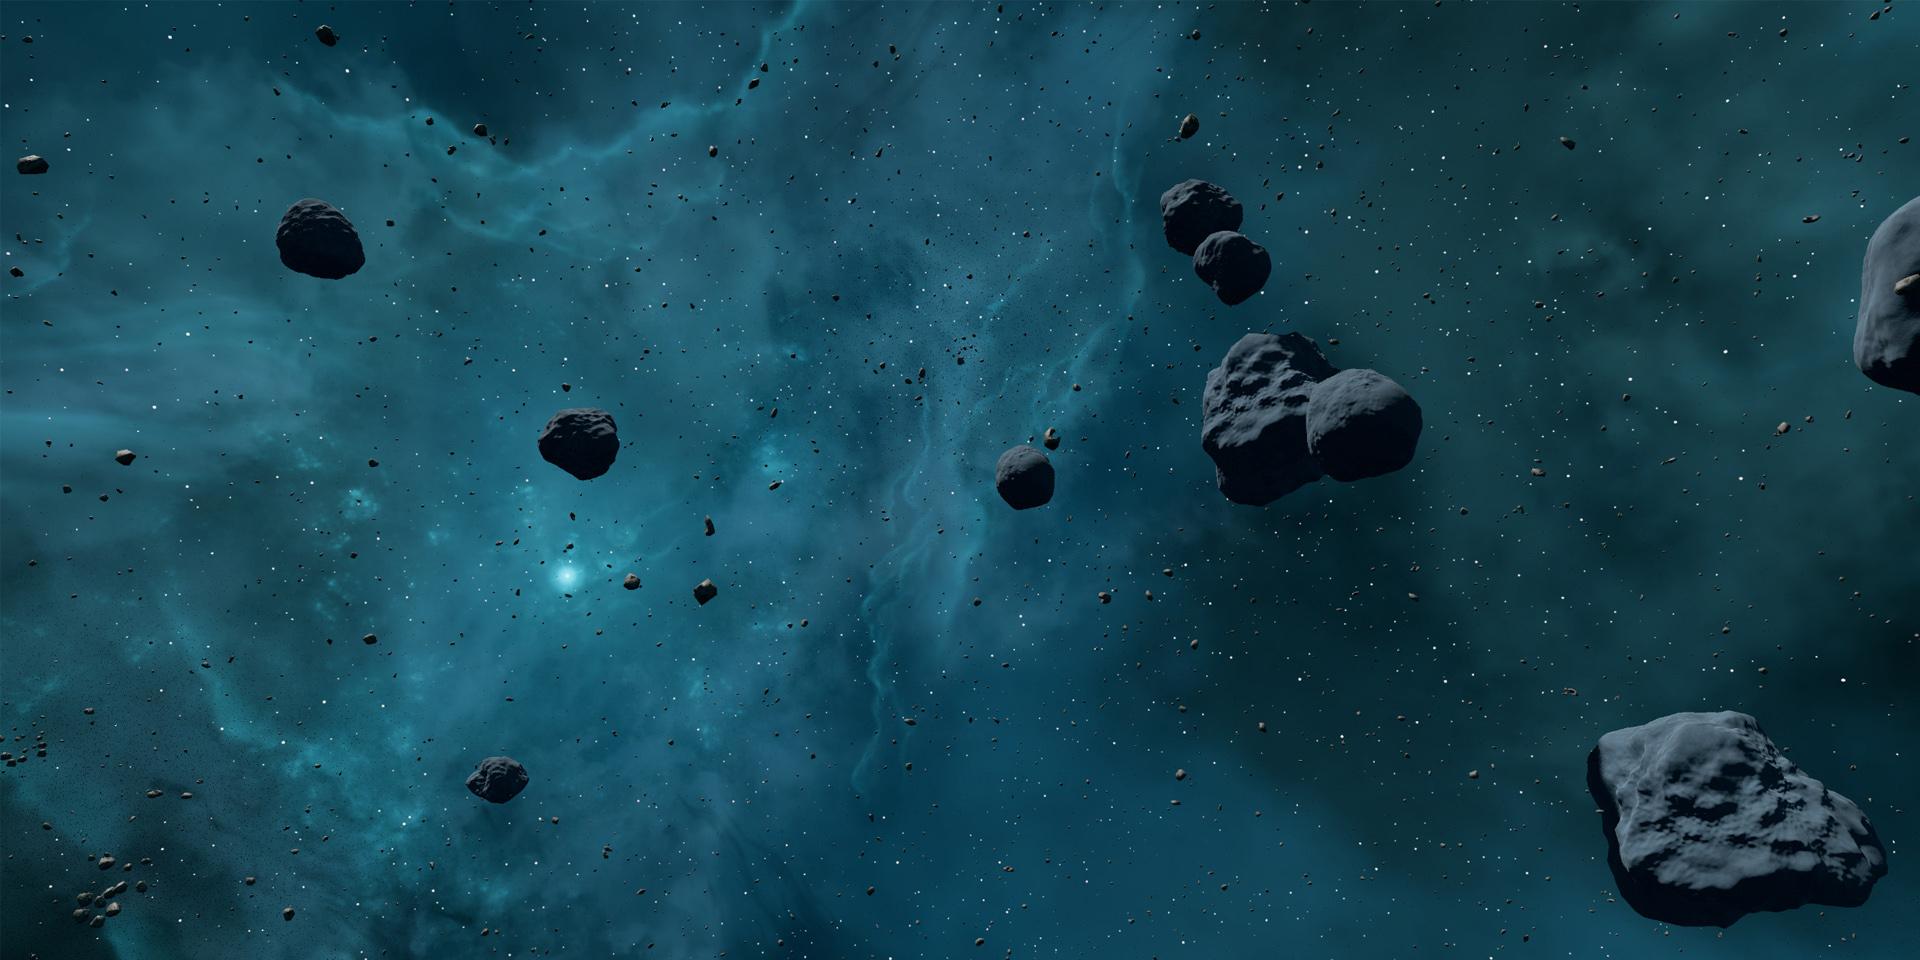 Starbase: Астероиды в тумане